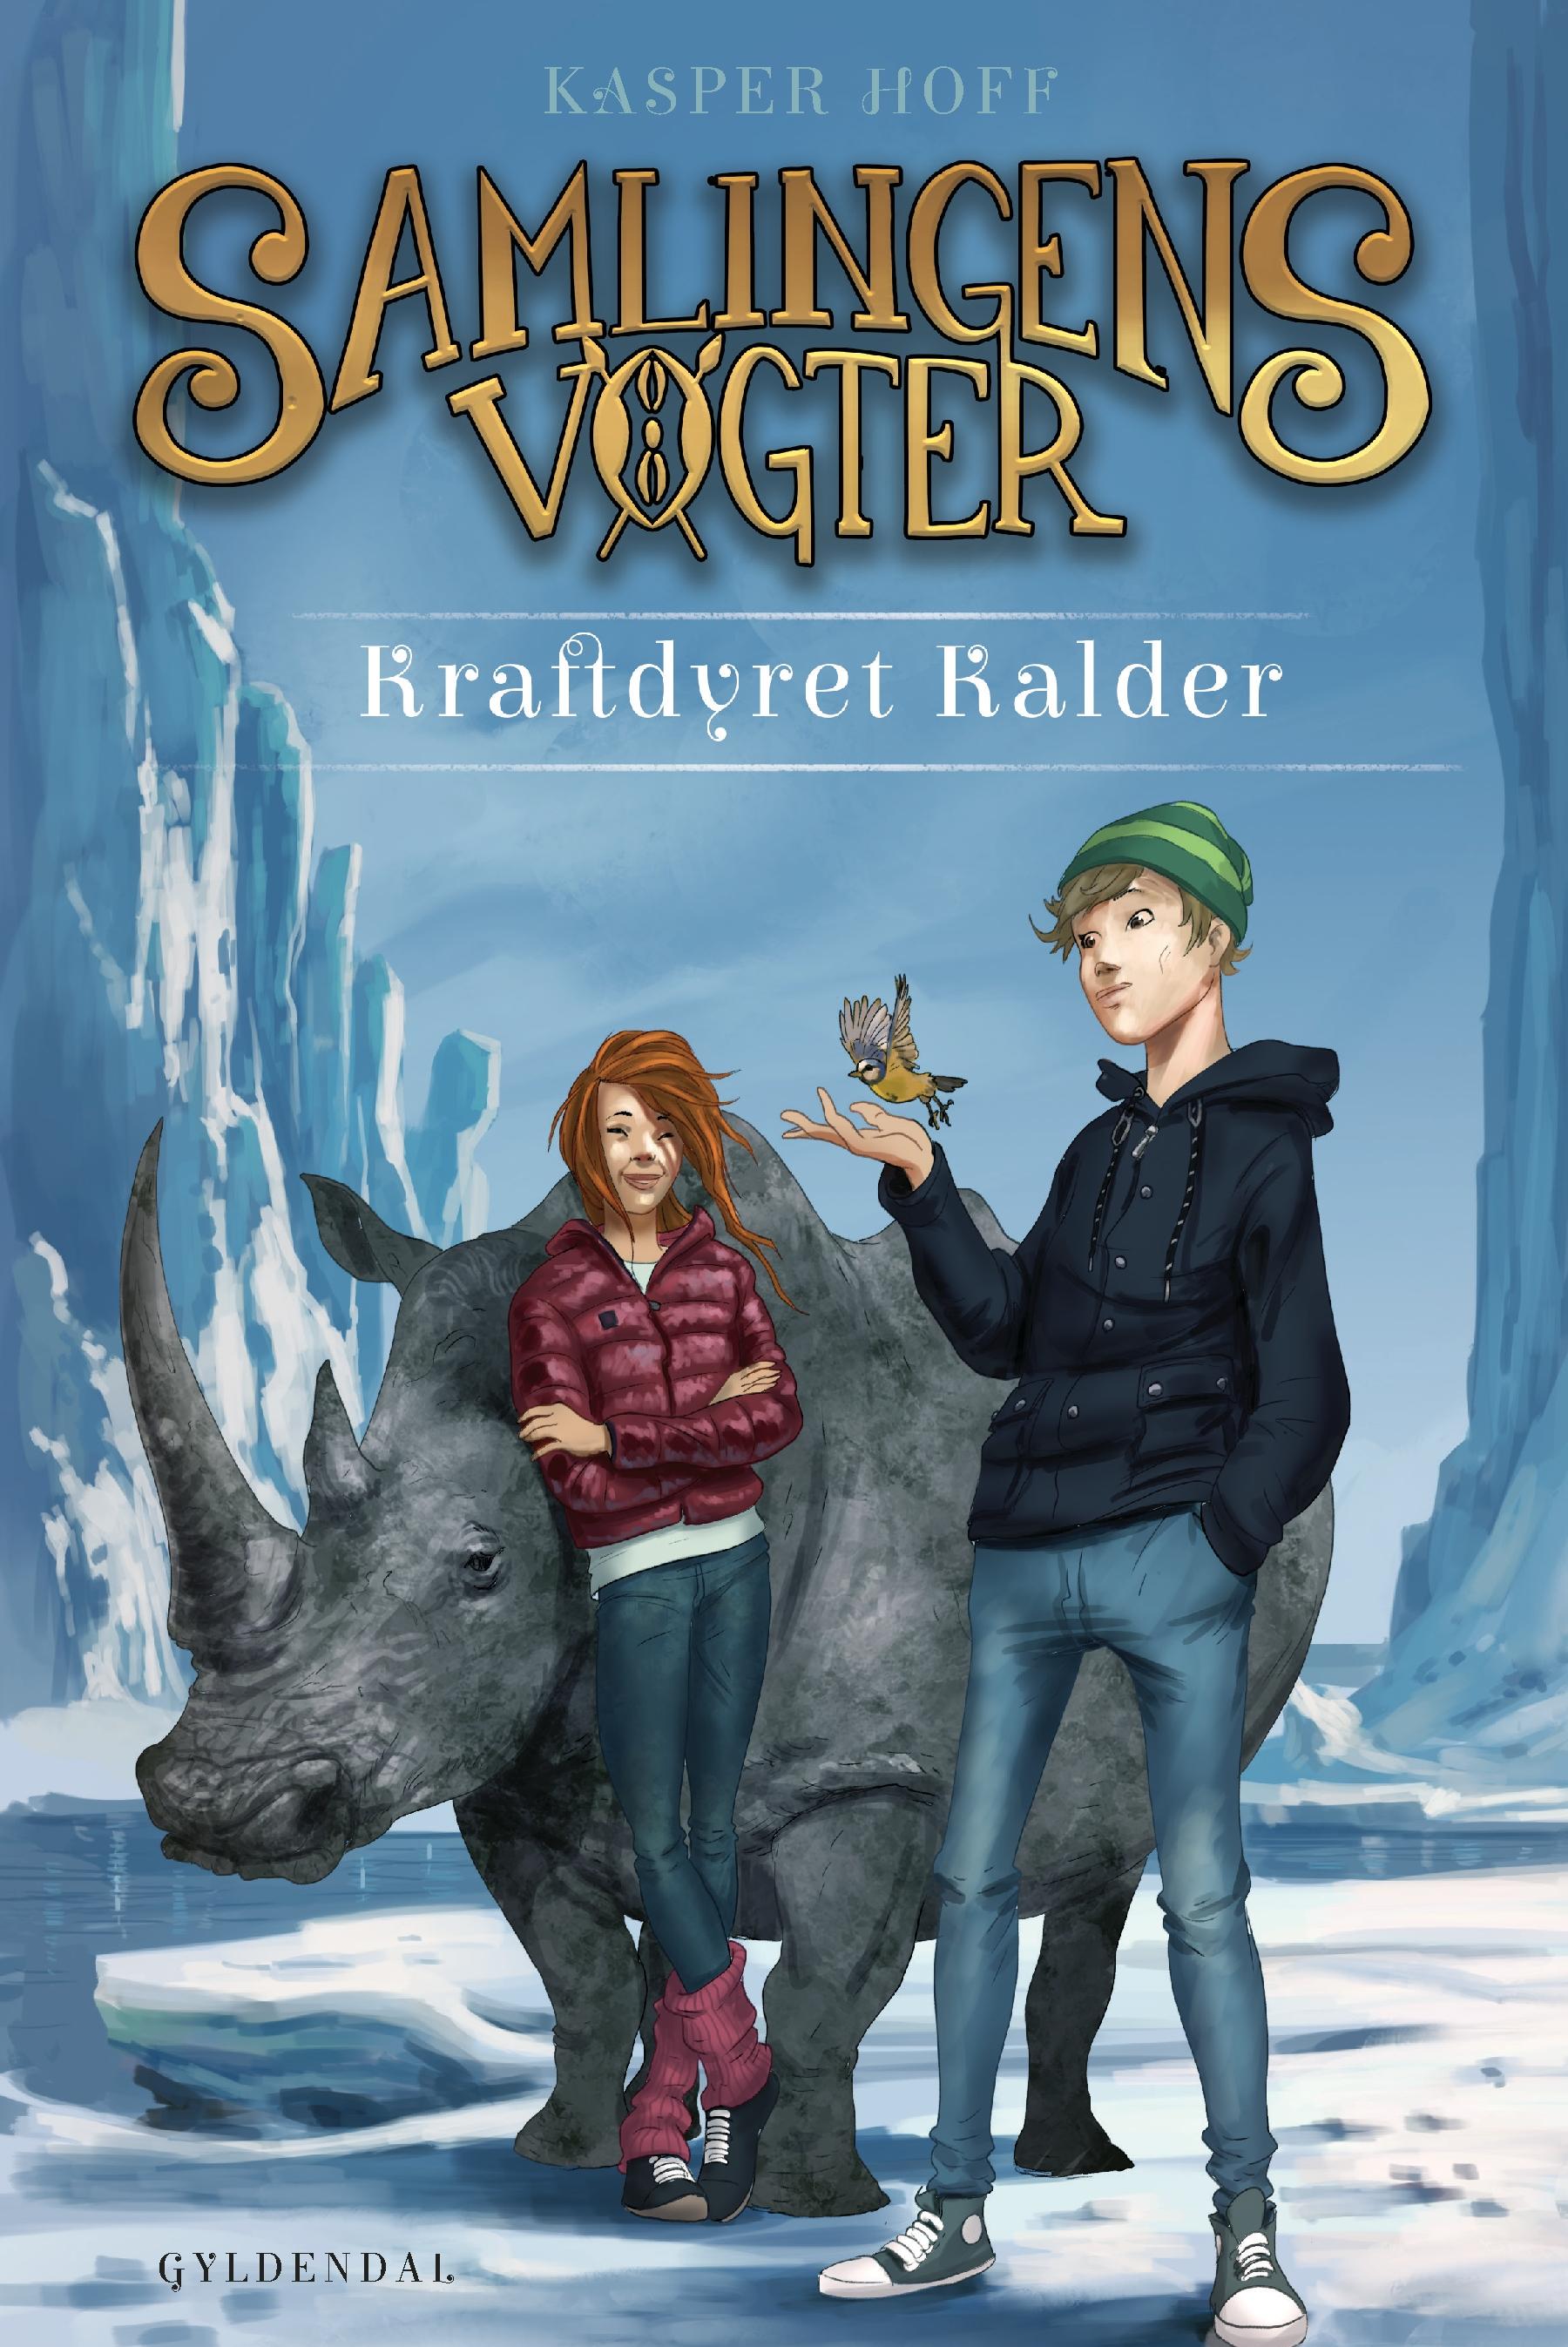 Samlingens Vogter: Samlingens Vogter 3 - Kraftdyret Kalder - Kasper Hoff - Bøger - Gyldendal - 9788702301823 - 1/10-2020